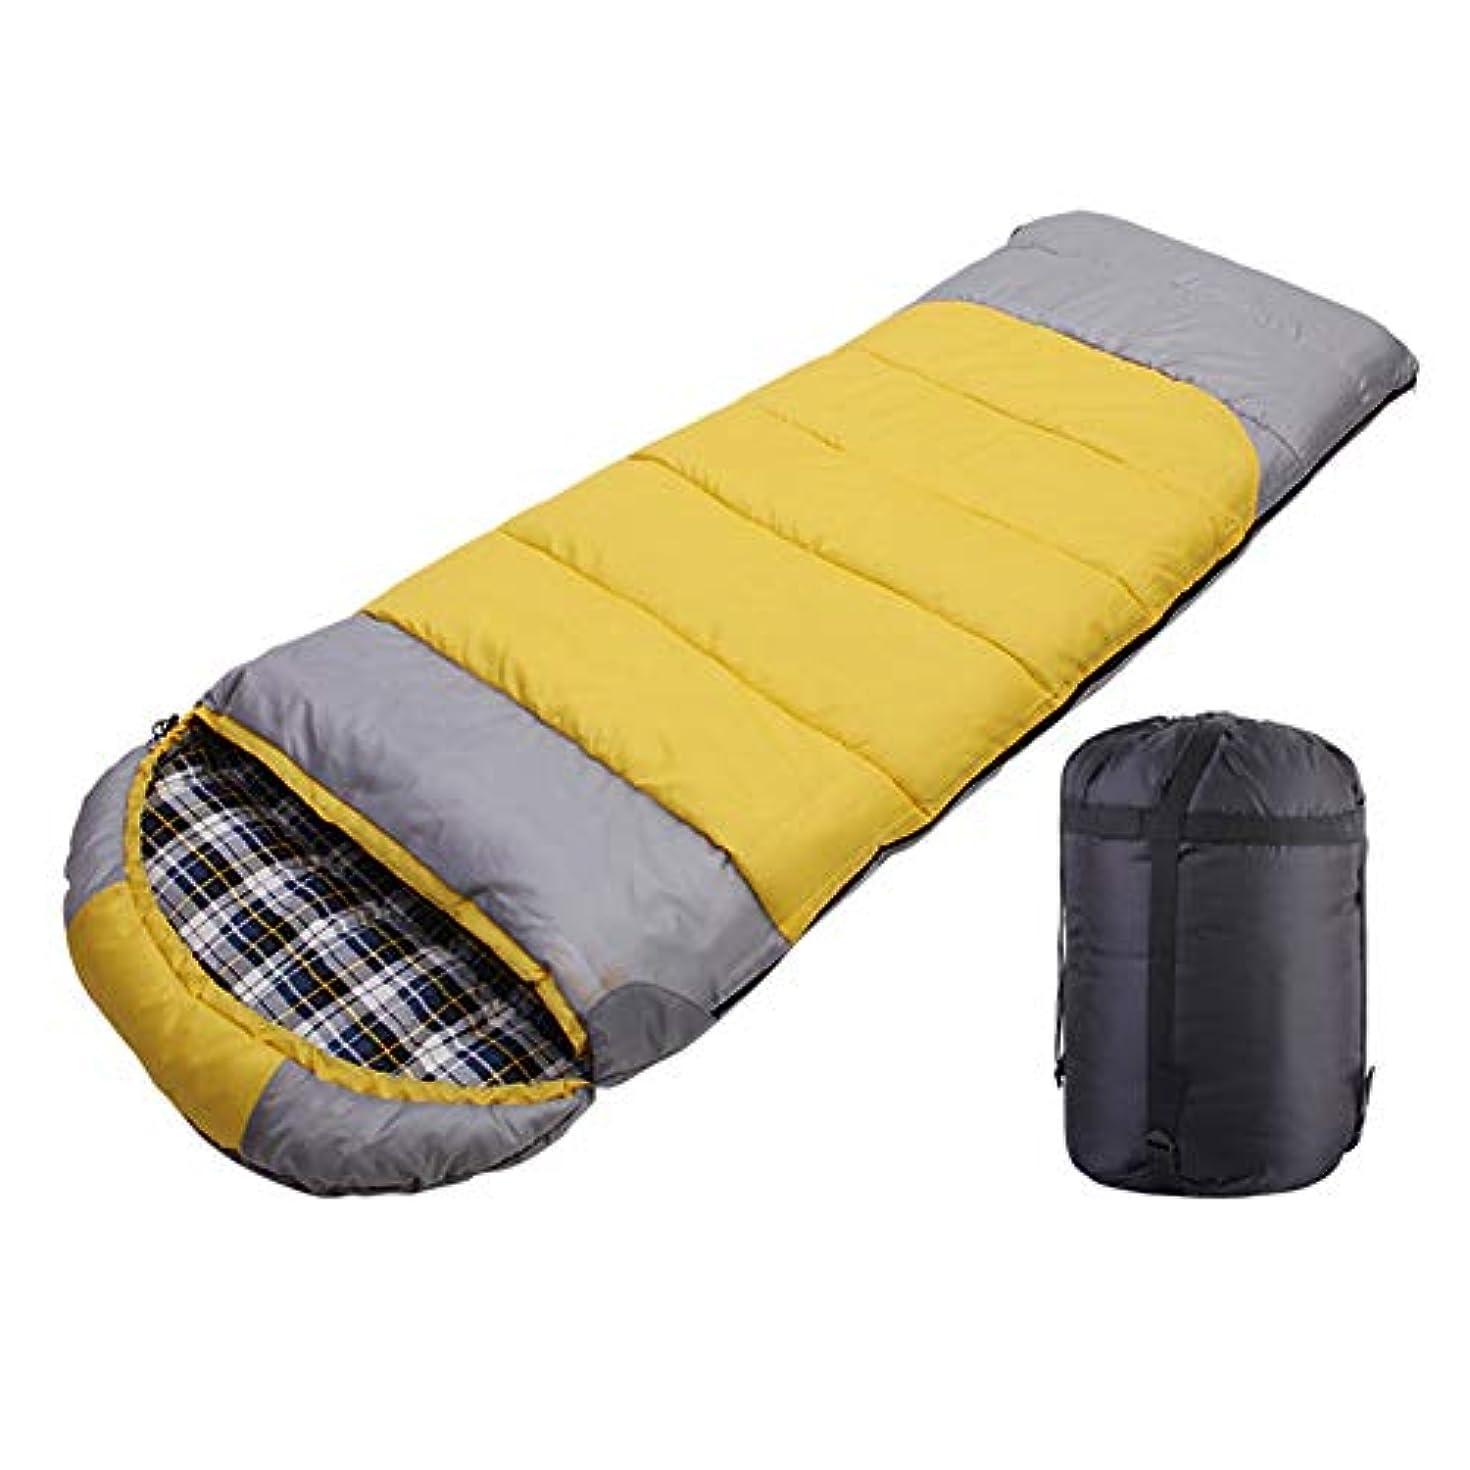 トロリーバス不定仮定、想定。推測アウトドア大人の寝袋、圧縮バッグ旅行で四季厚い暖かい屋内キャンプのランチブレイク汚い光と防水